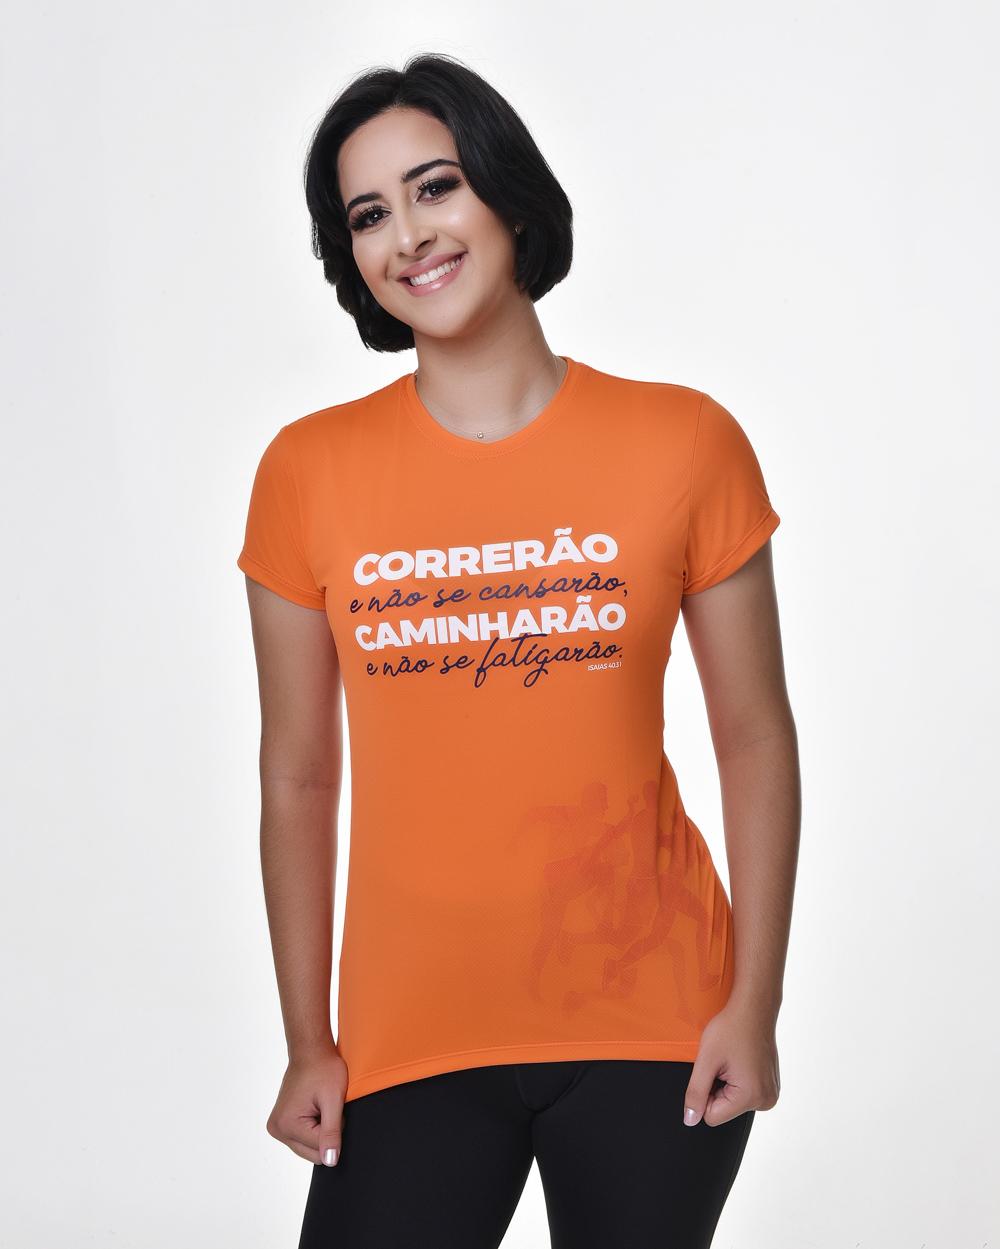 Camiseta Fitness Baby Look - Bendito Treino 01